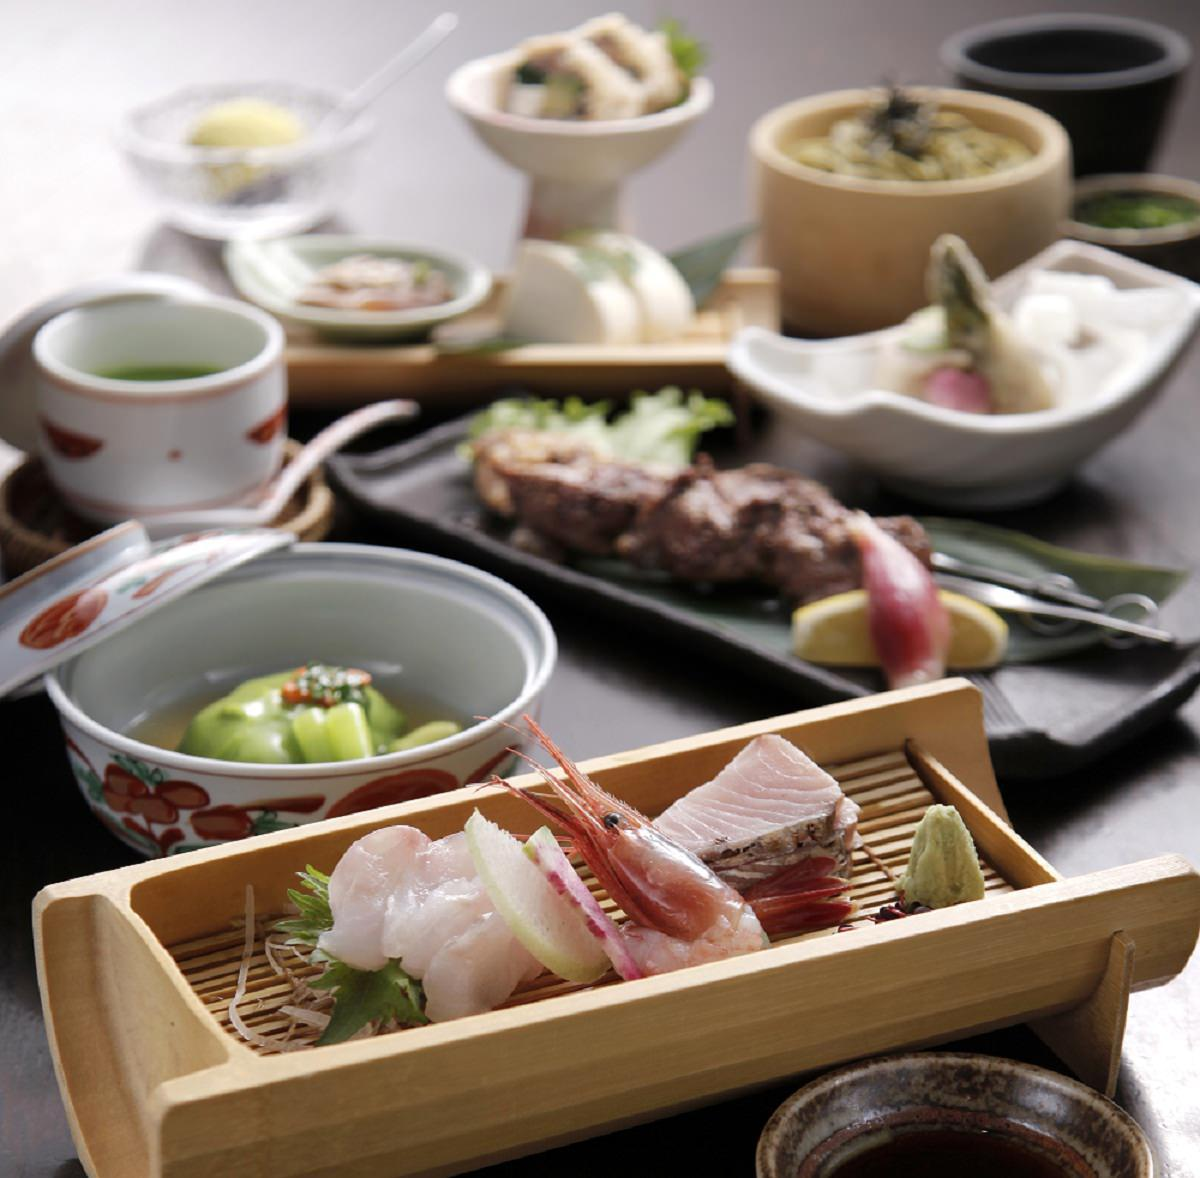 銀座にある歓迎会に最適な和食店【竹の庵】